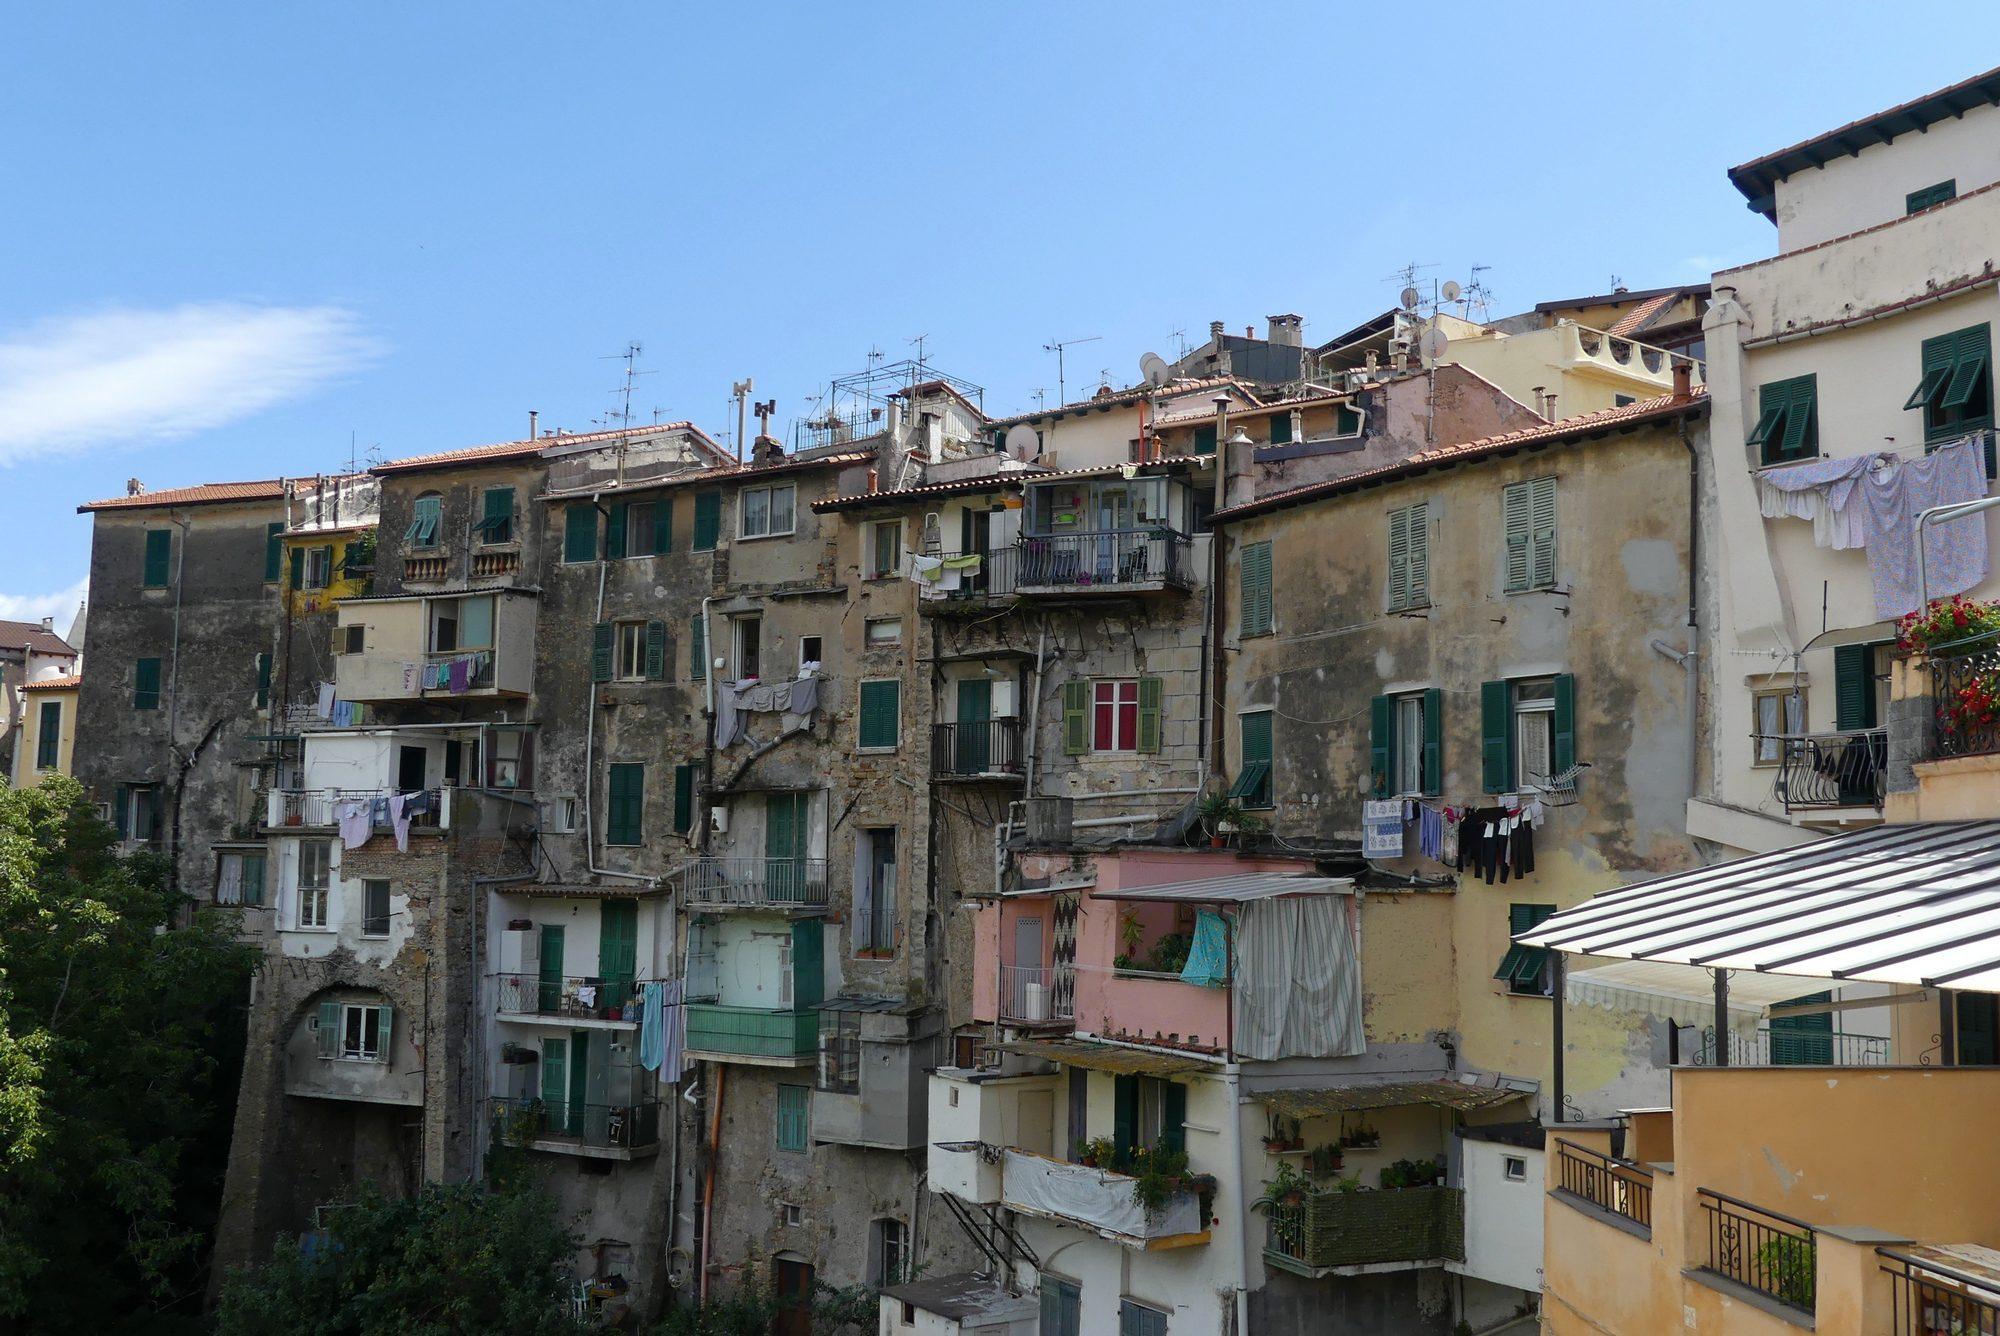 Blick auf die Altstadt von Ventimigila Italien